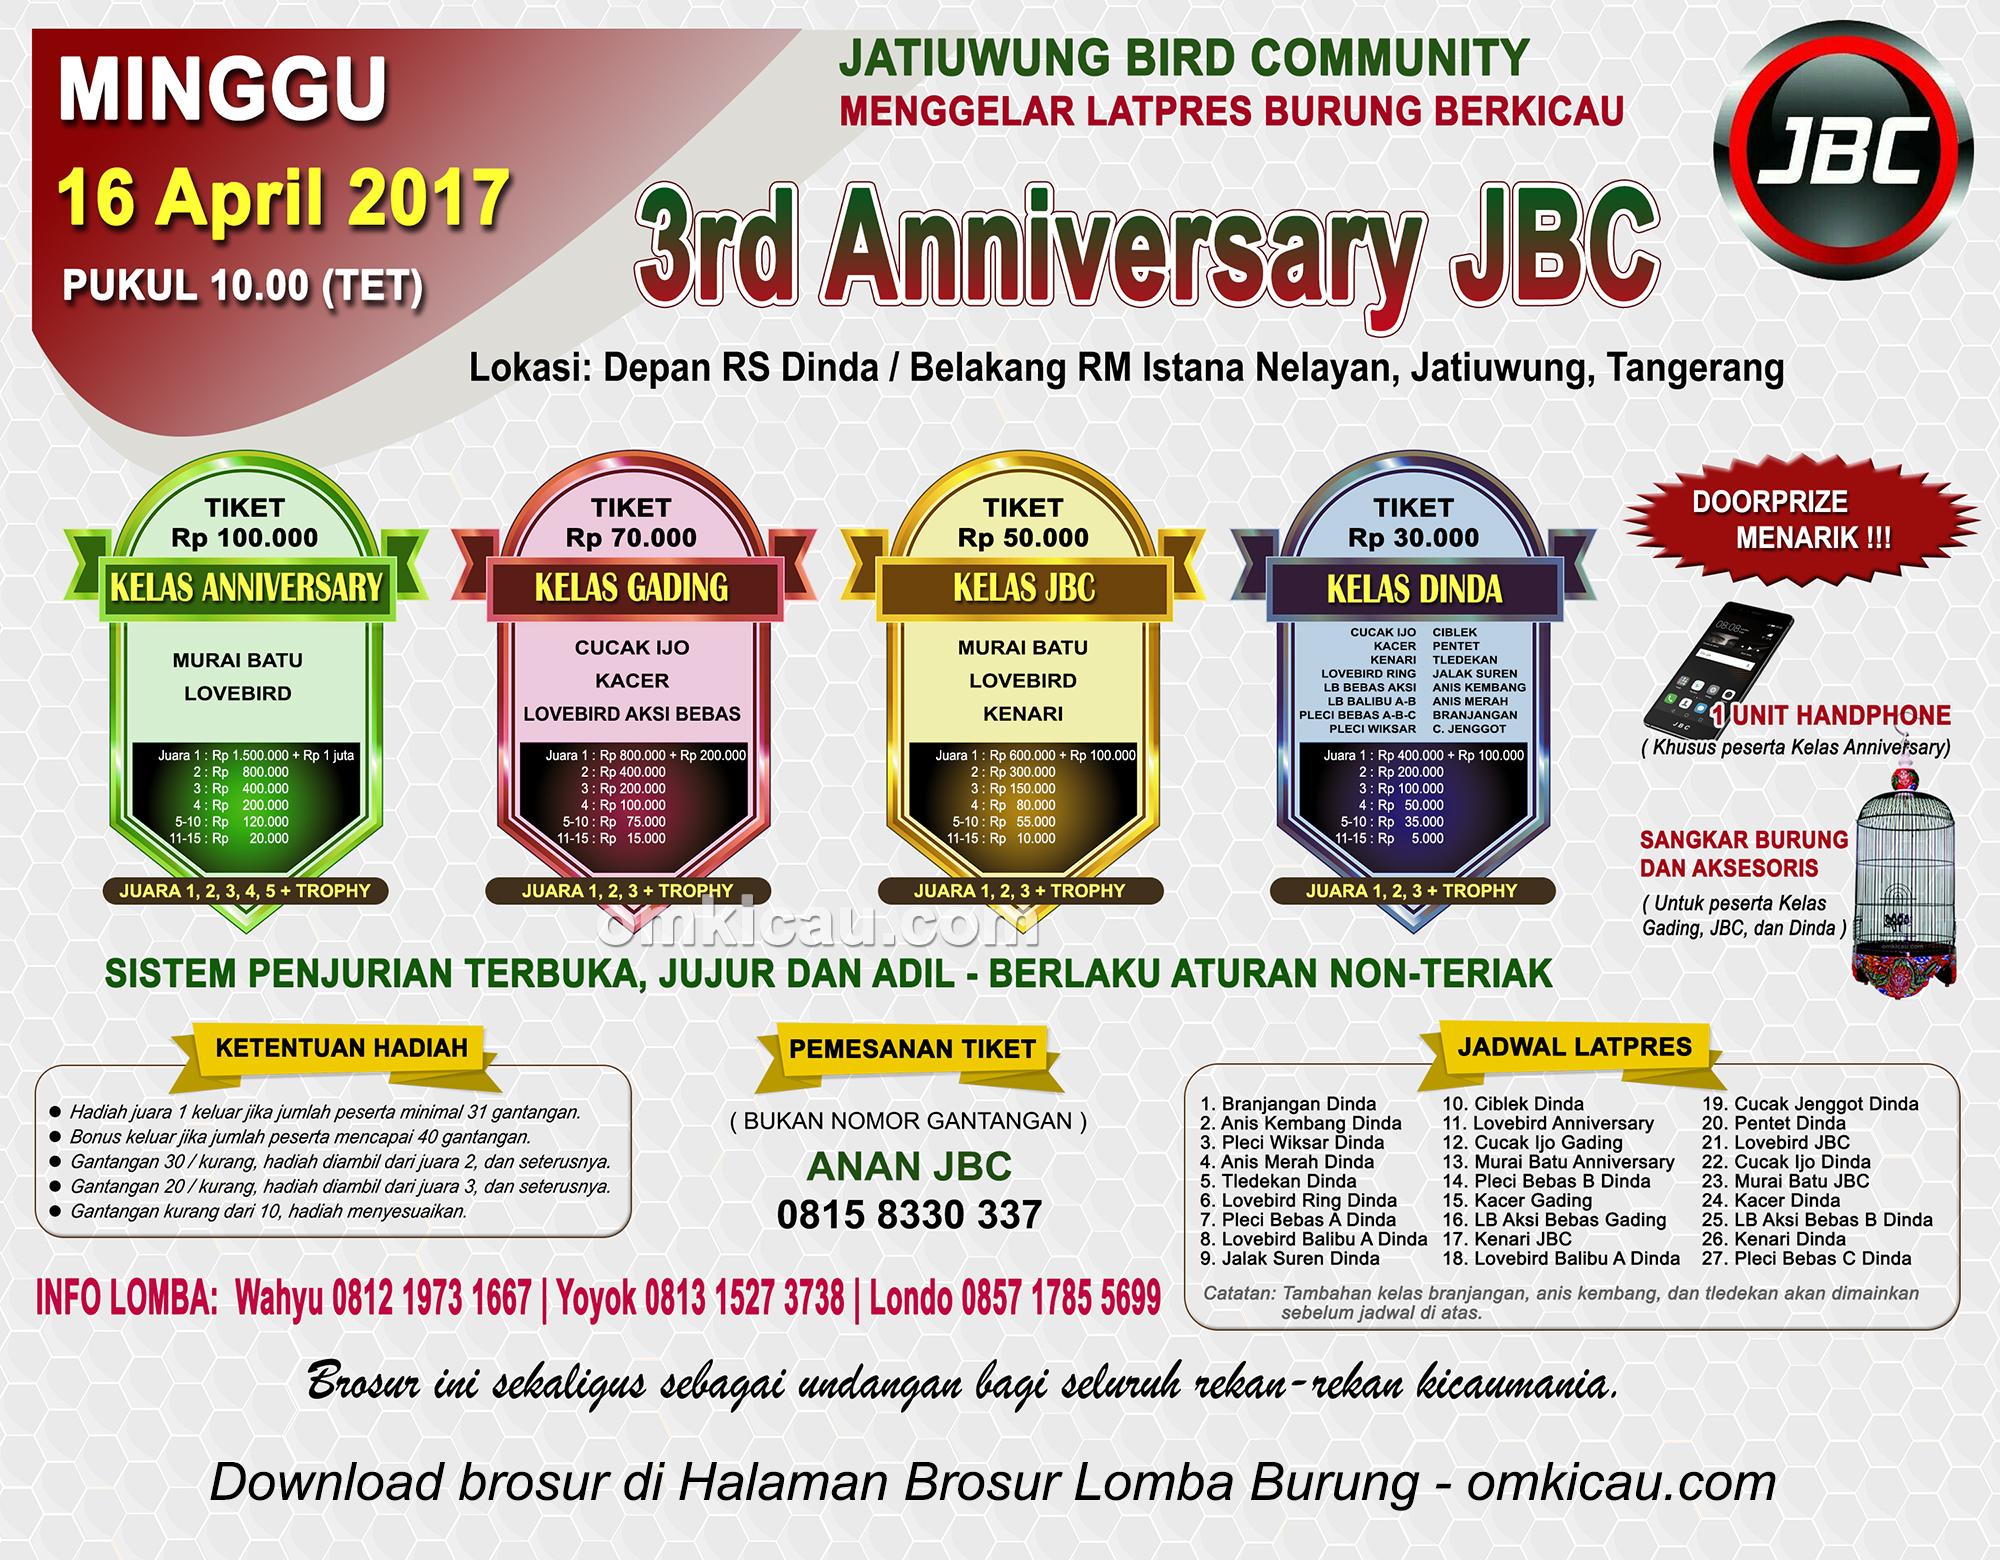 Brosur Latpres Burung Berkicau 3rd Anniversary JBC, Tangerang, 16 April 2017